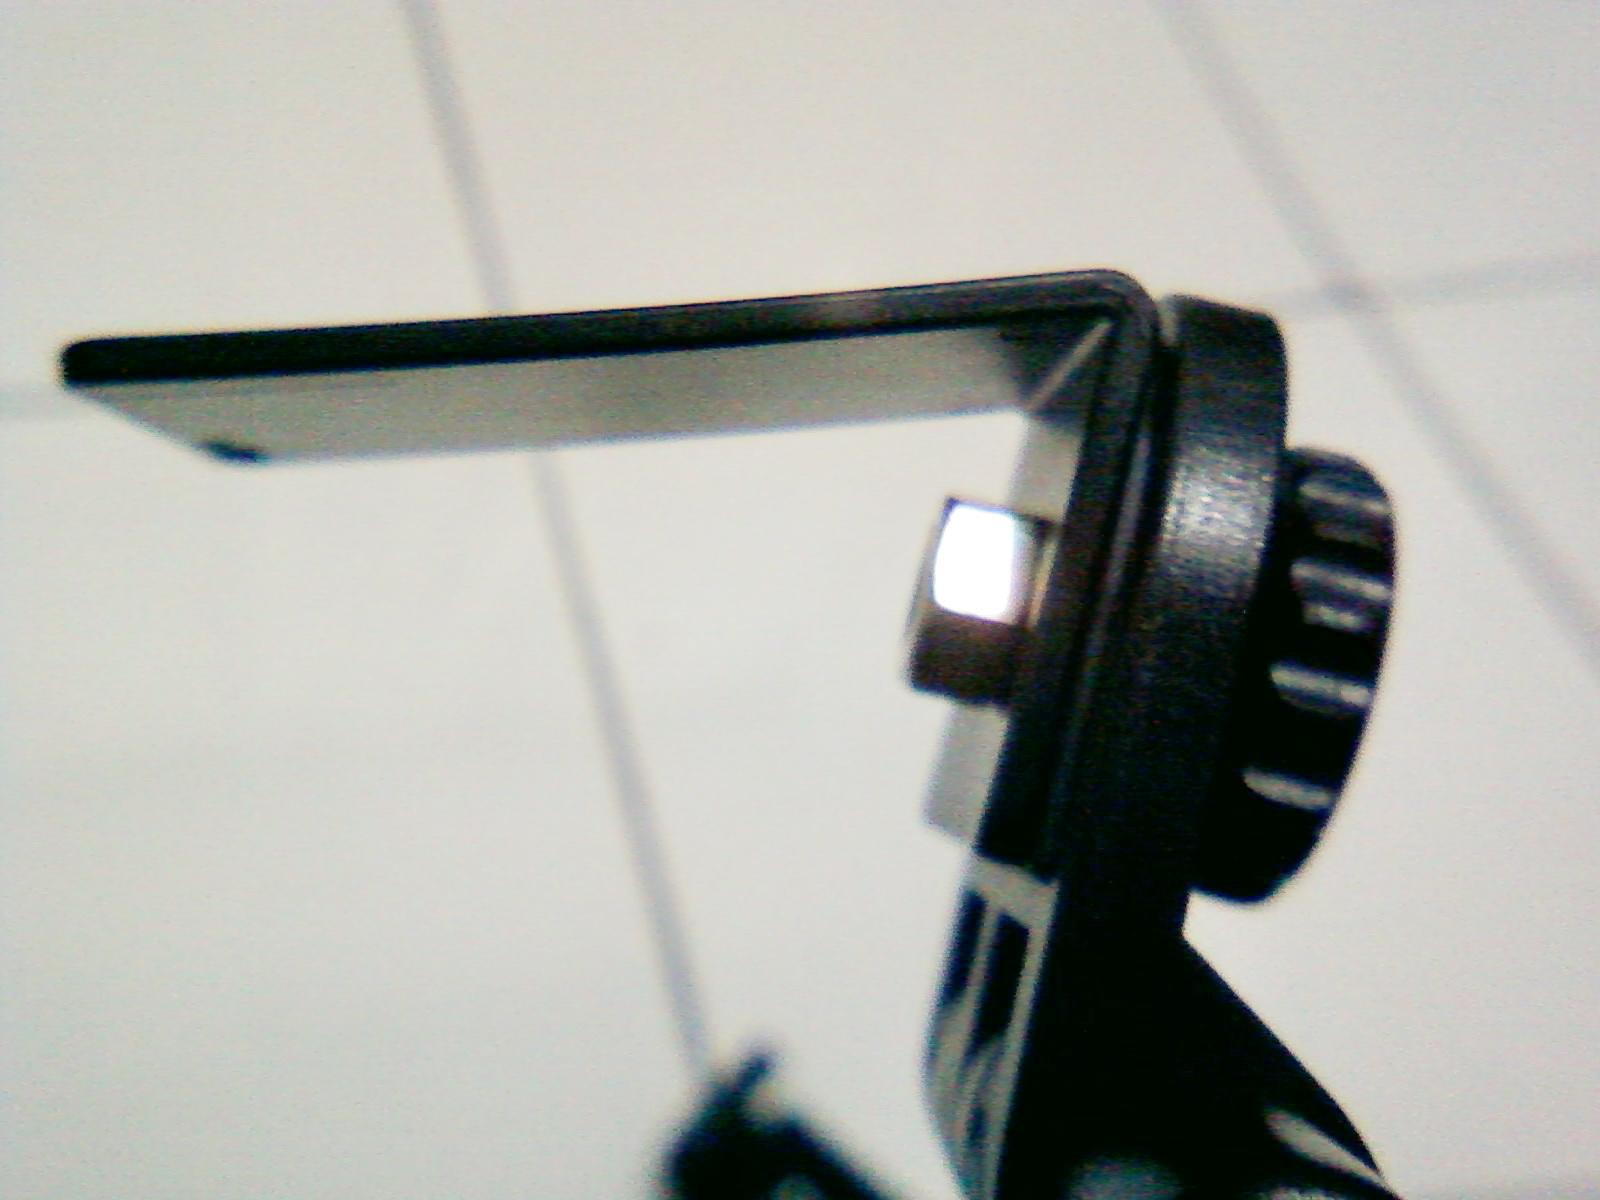 Modifikasi Tripot Meja Untuk Kamera Menjadi Tripot Kamera